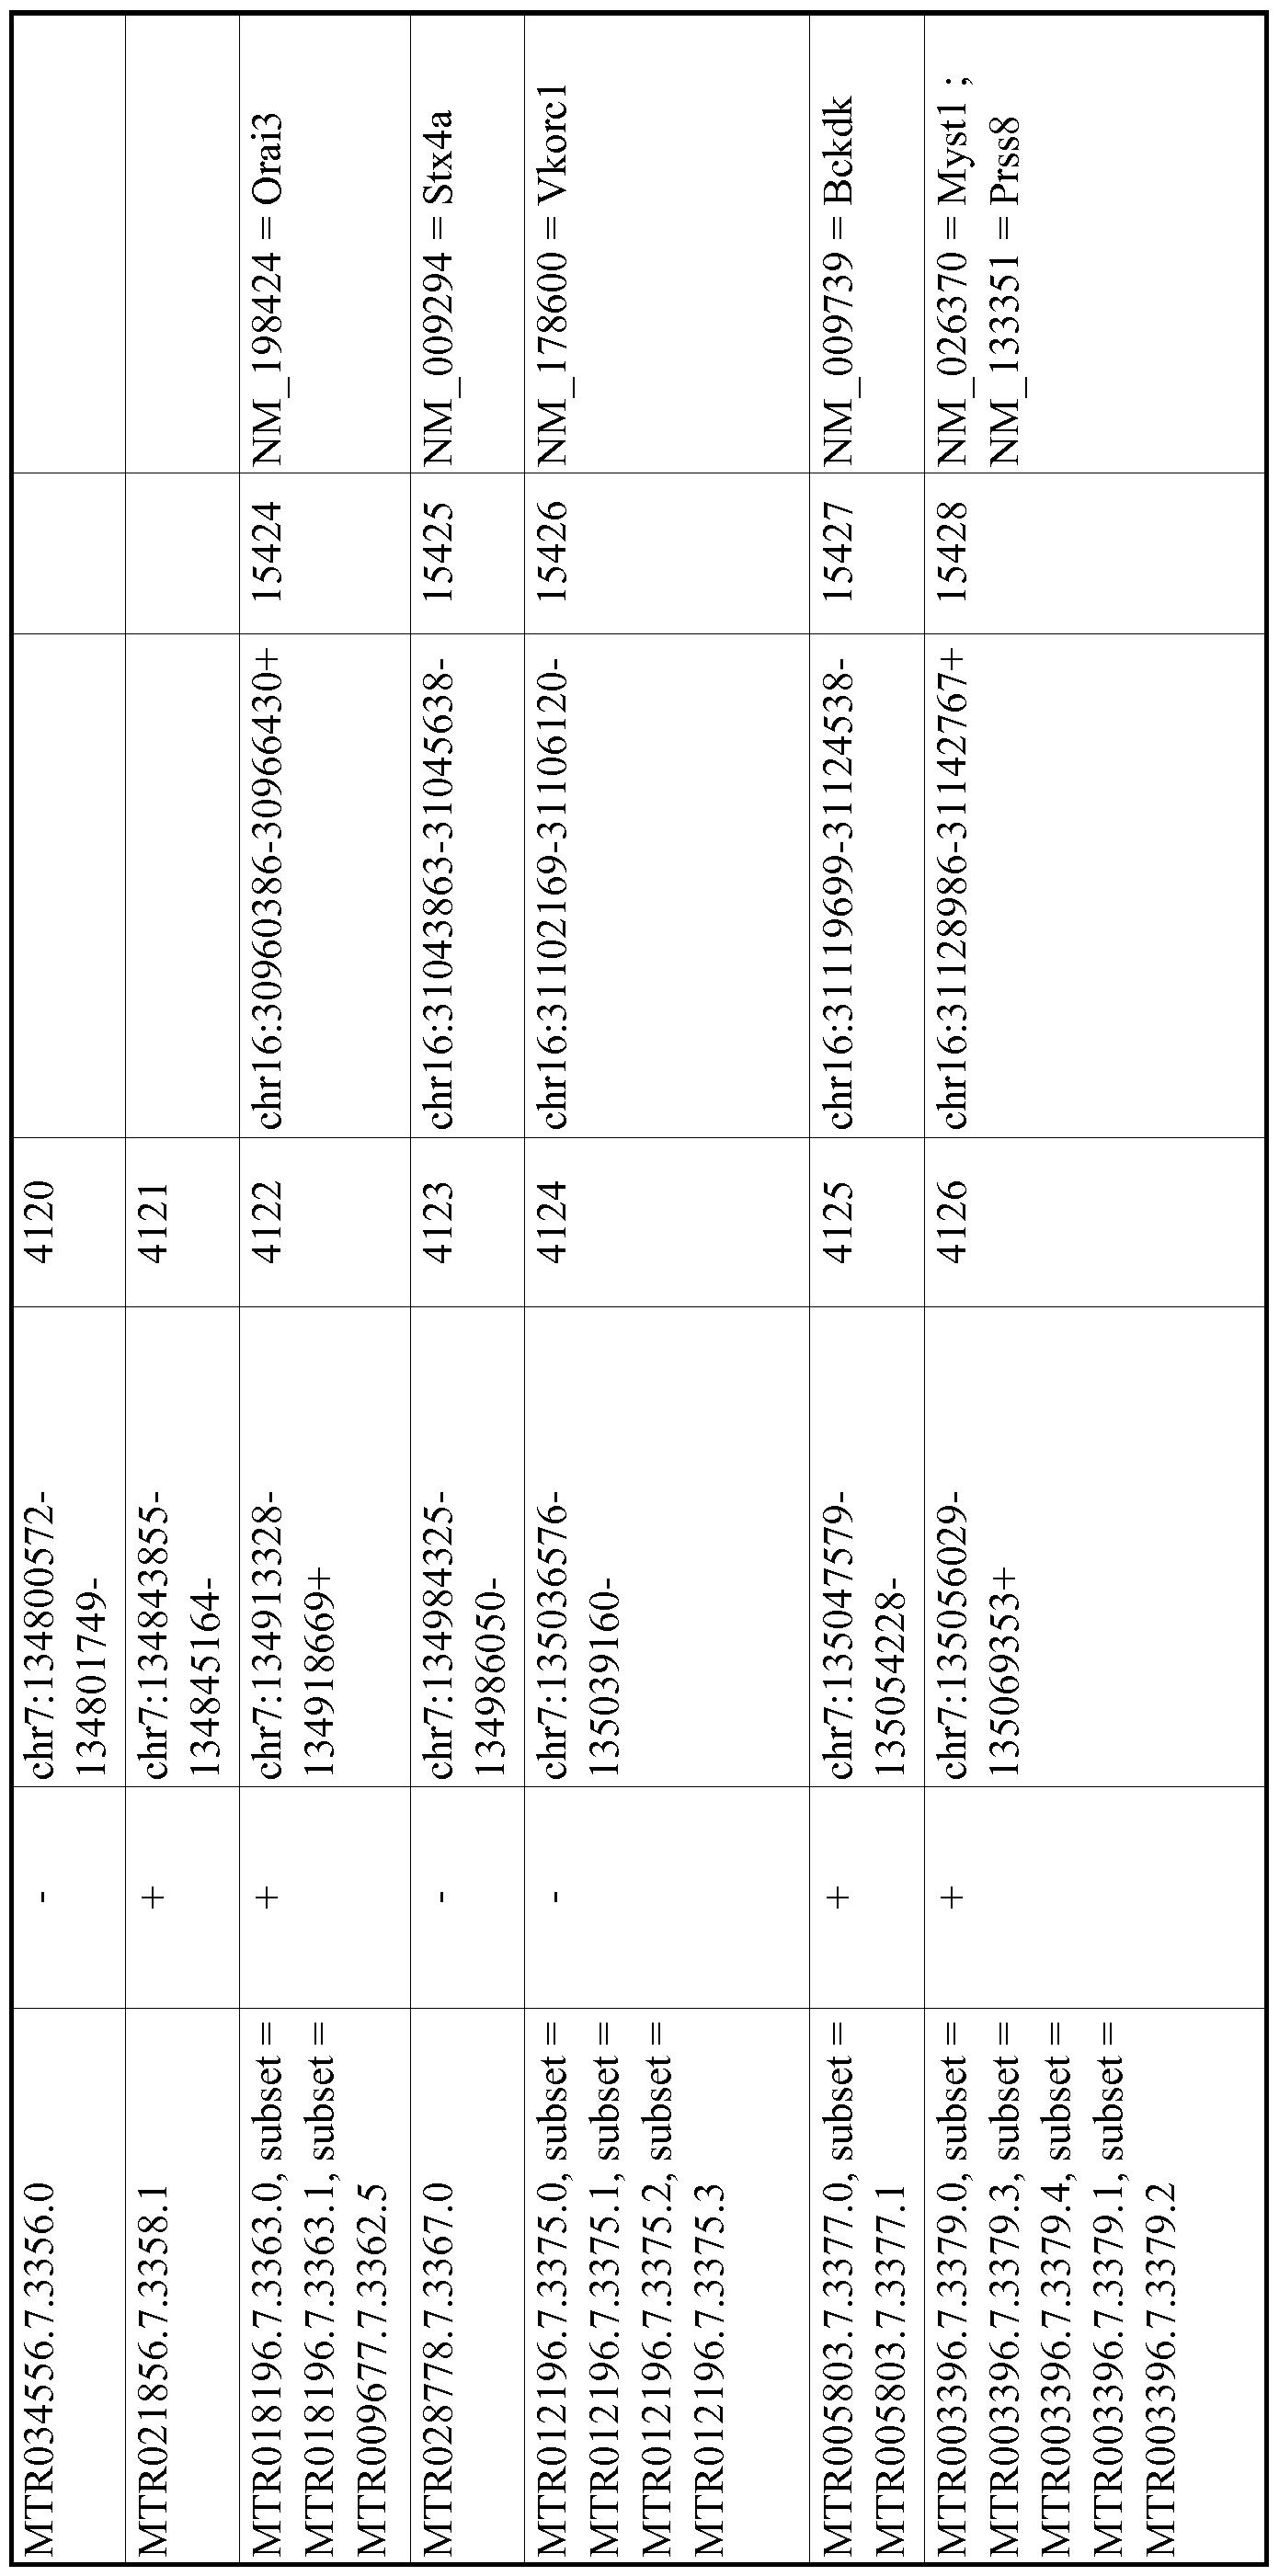 Figure imgf000779_0001